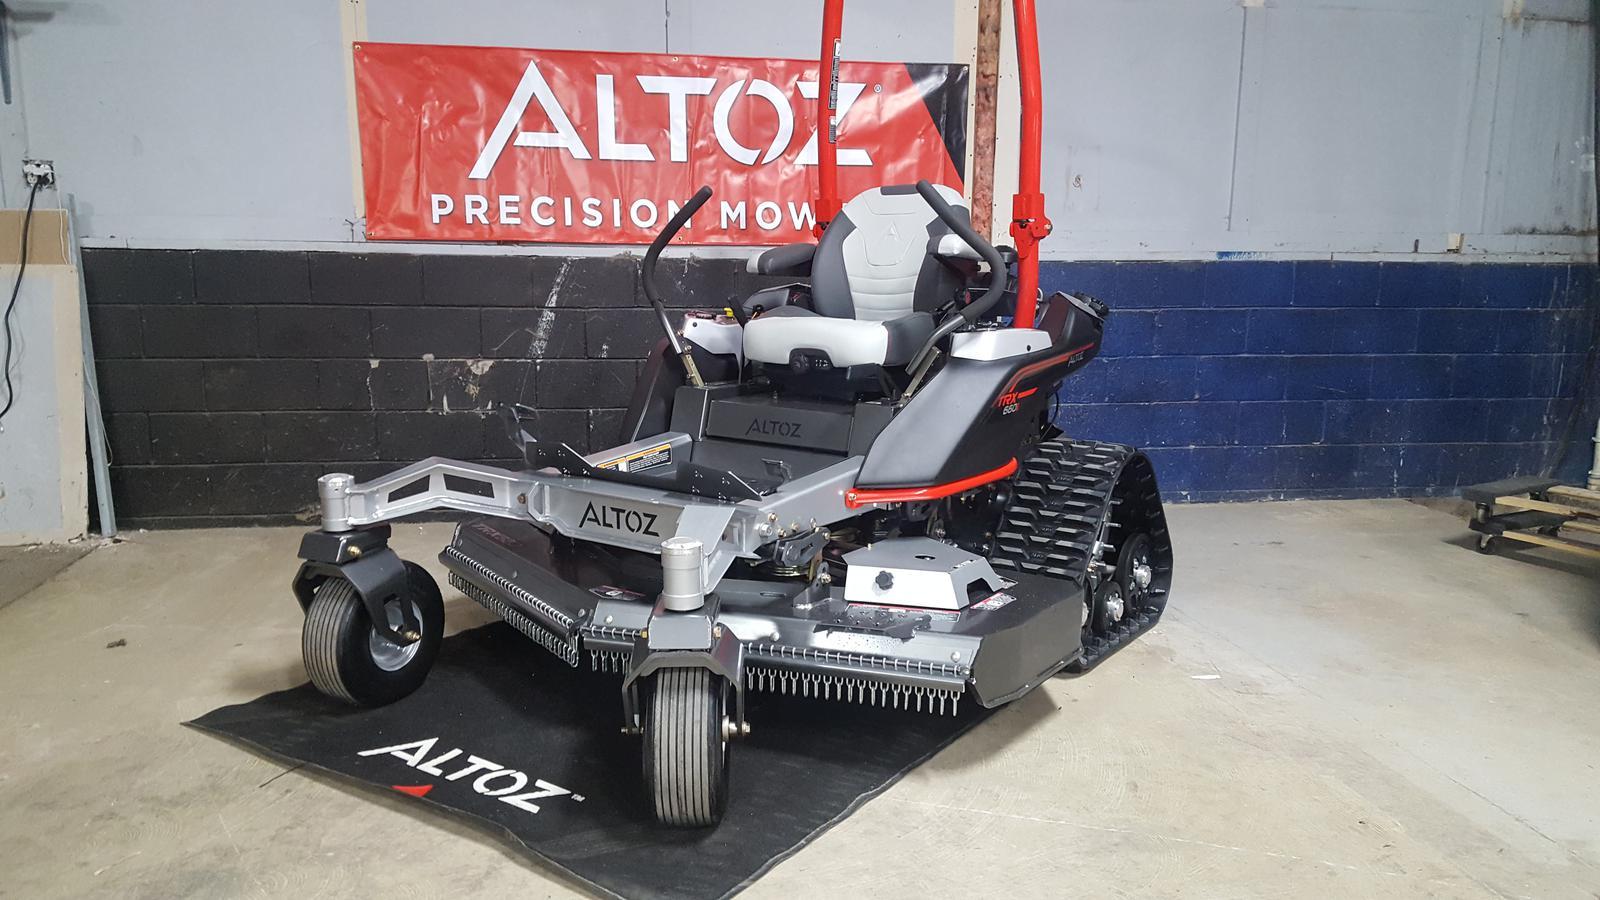 2018 Altoz TRX 660 i Vanguard for sale in Tecumseh, MI. J & L ...